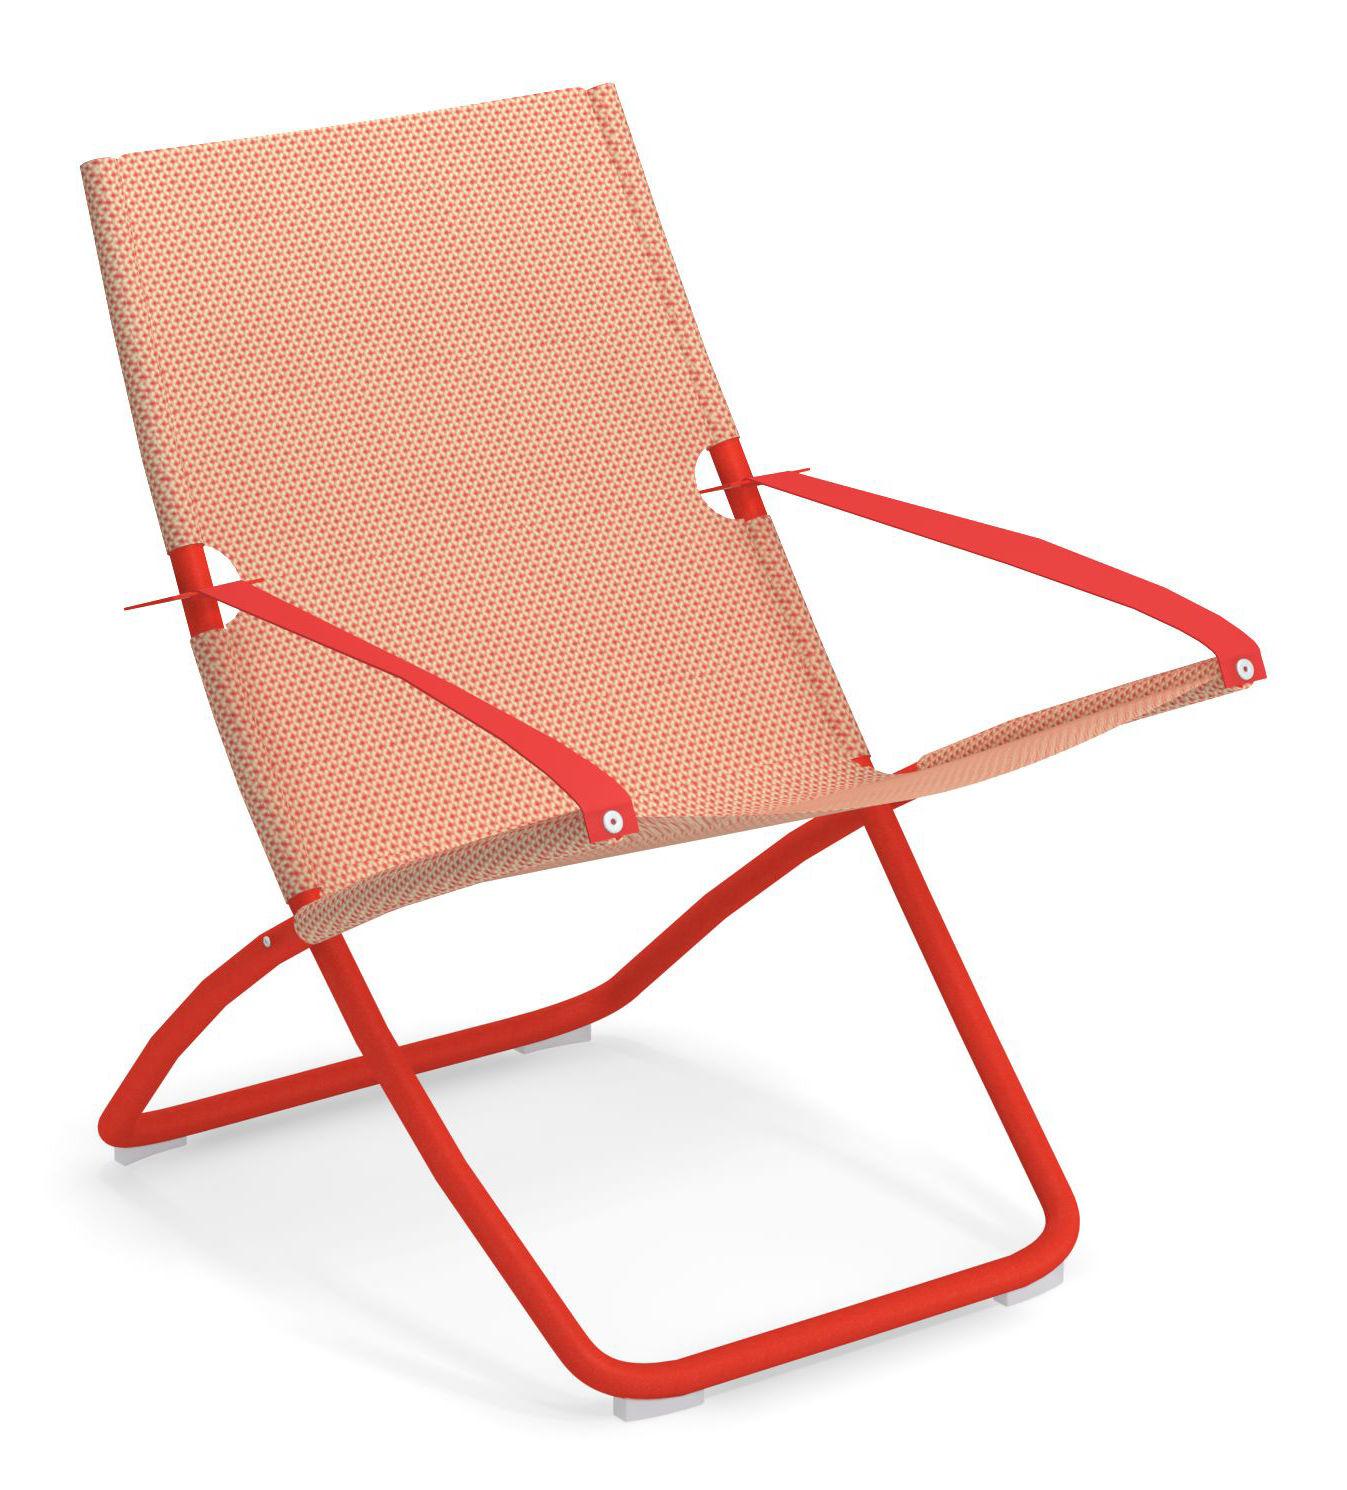 Outdoor - Chaises longues et hamacs - Chaise longue Snooze / Pliable - 2 positions - Emu - Pêche / Structure rouge - Acier verni, Tissu technique